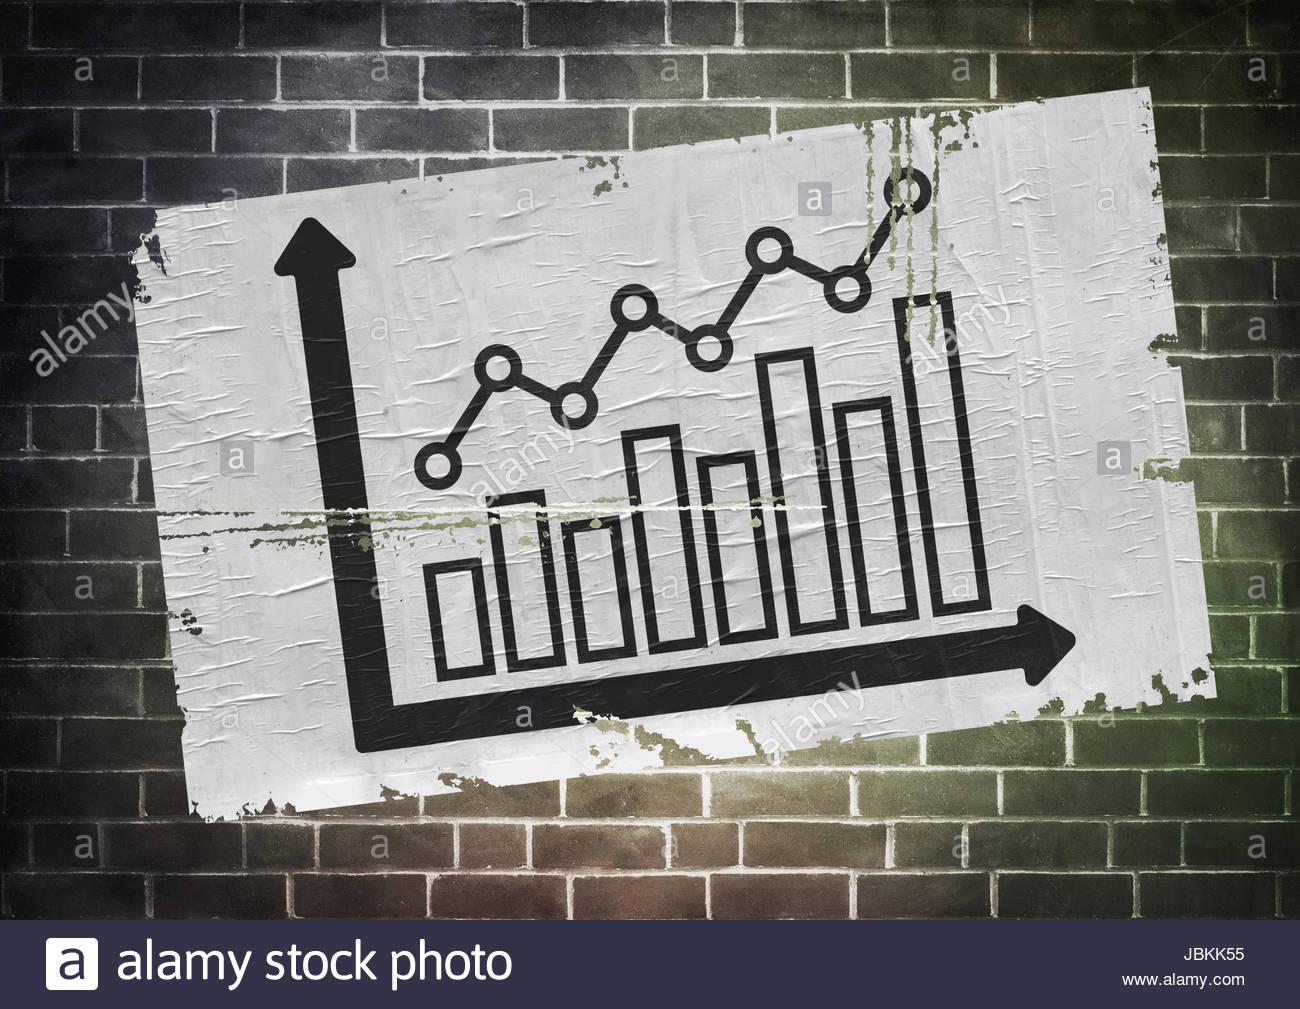 Economia concetto poster Immagini Stock